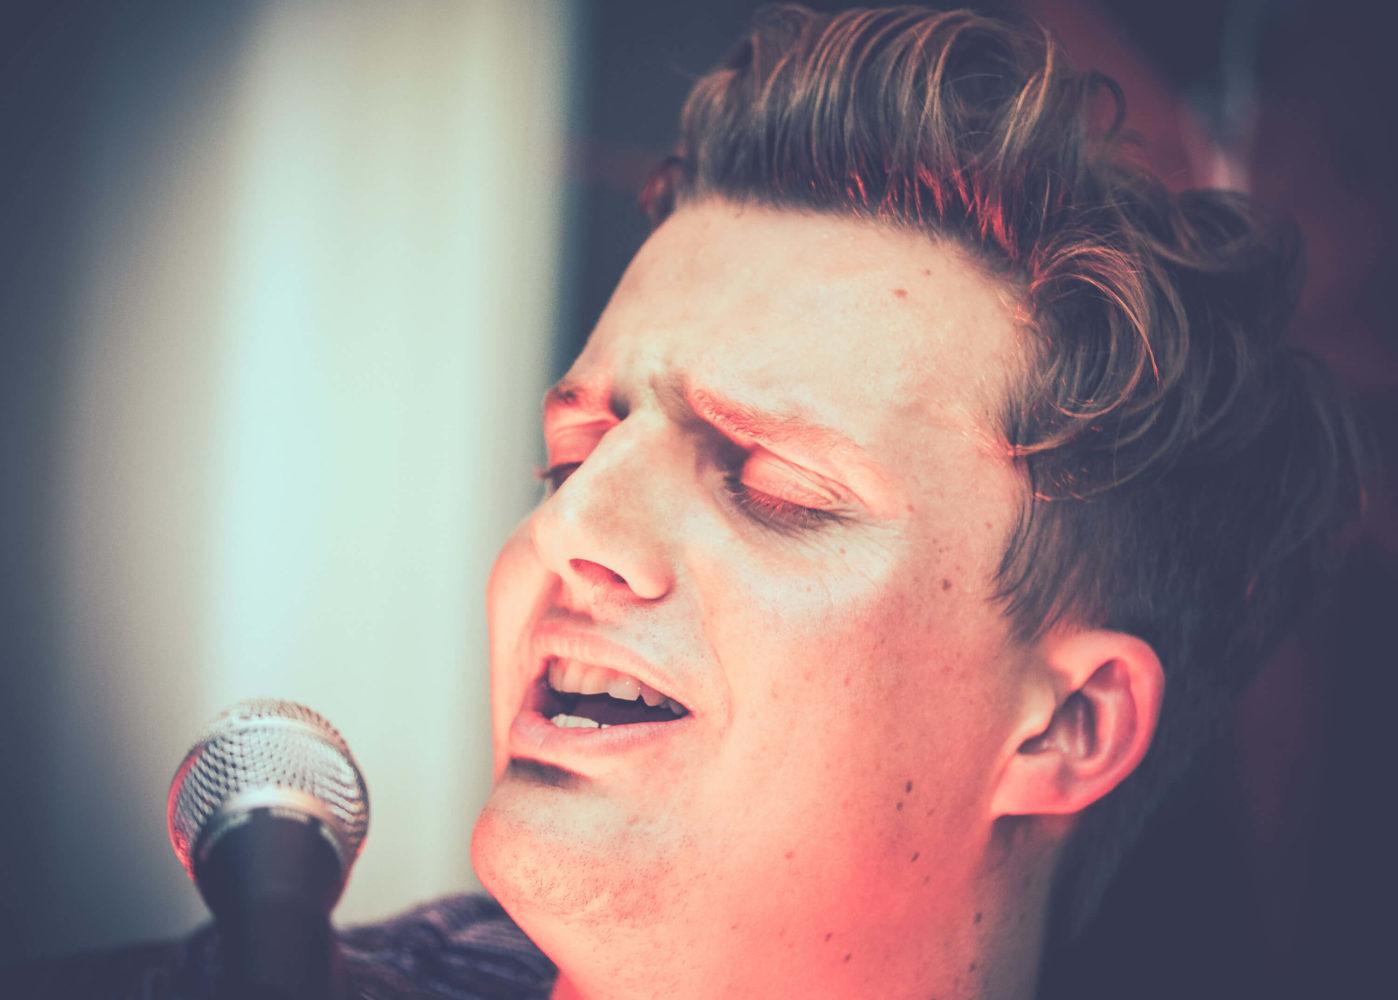 Gerog Latz singt am Mikrofon